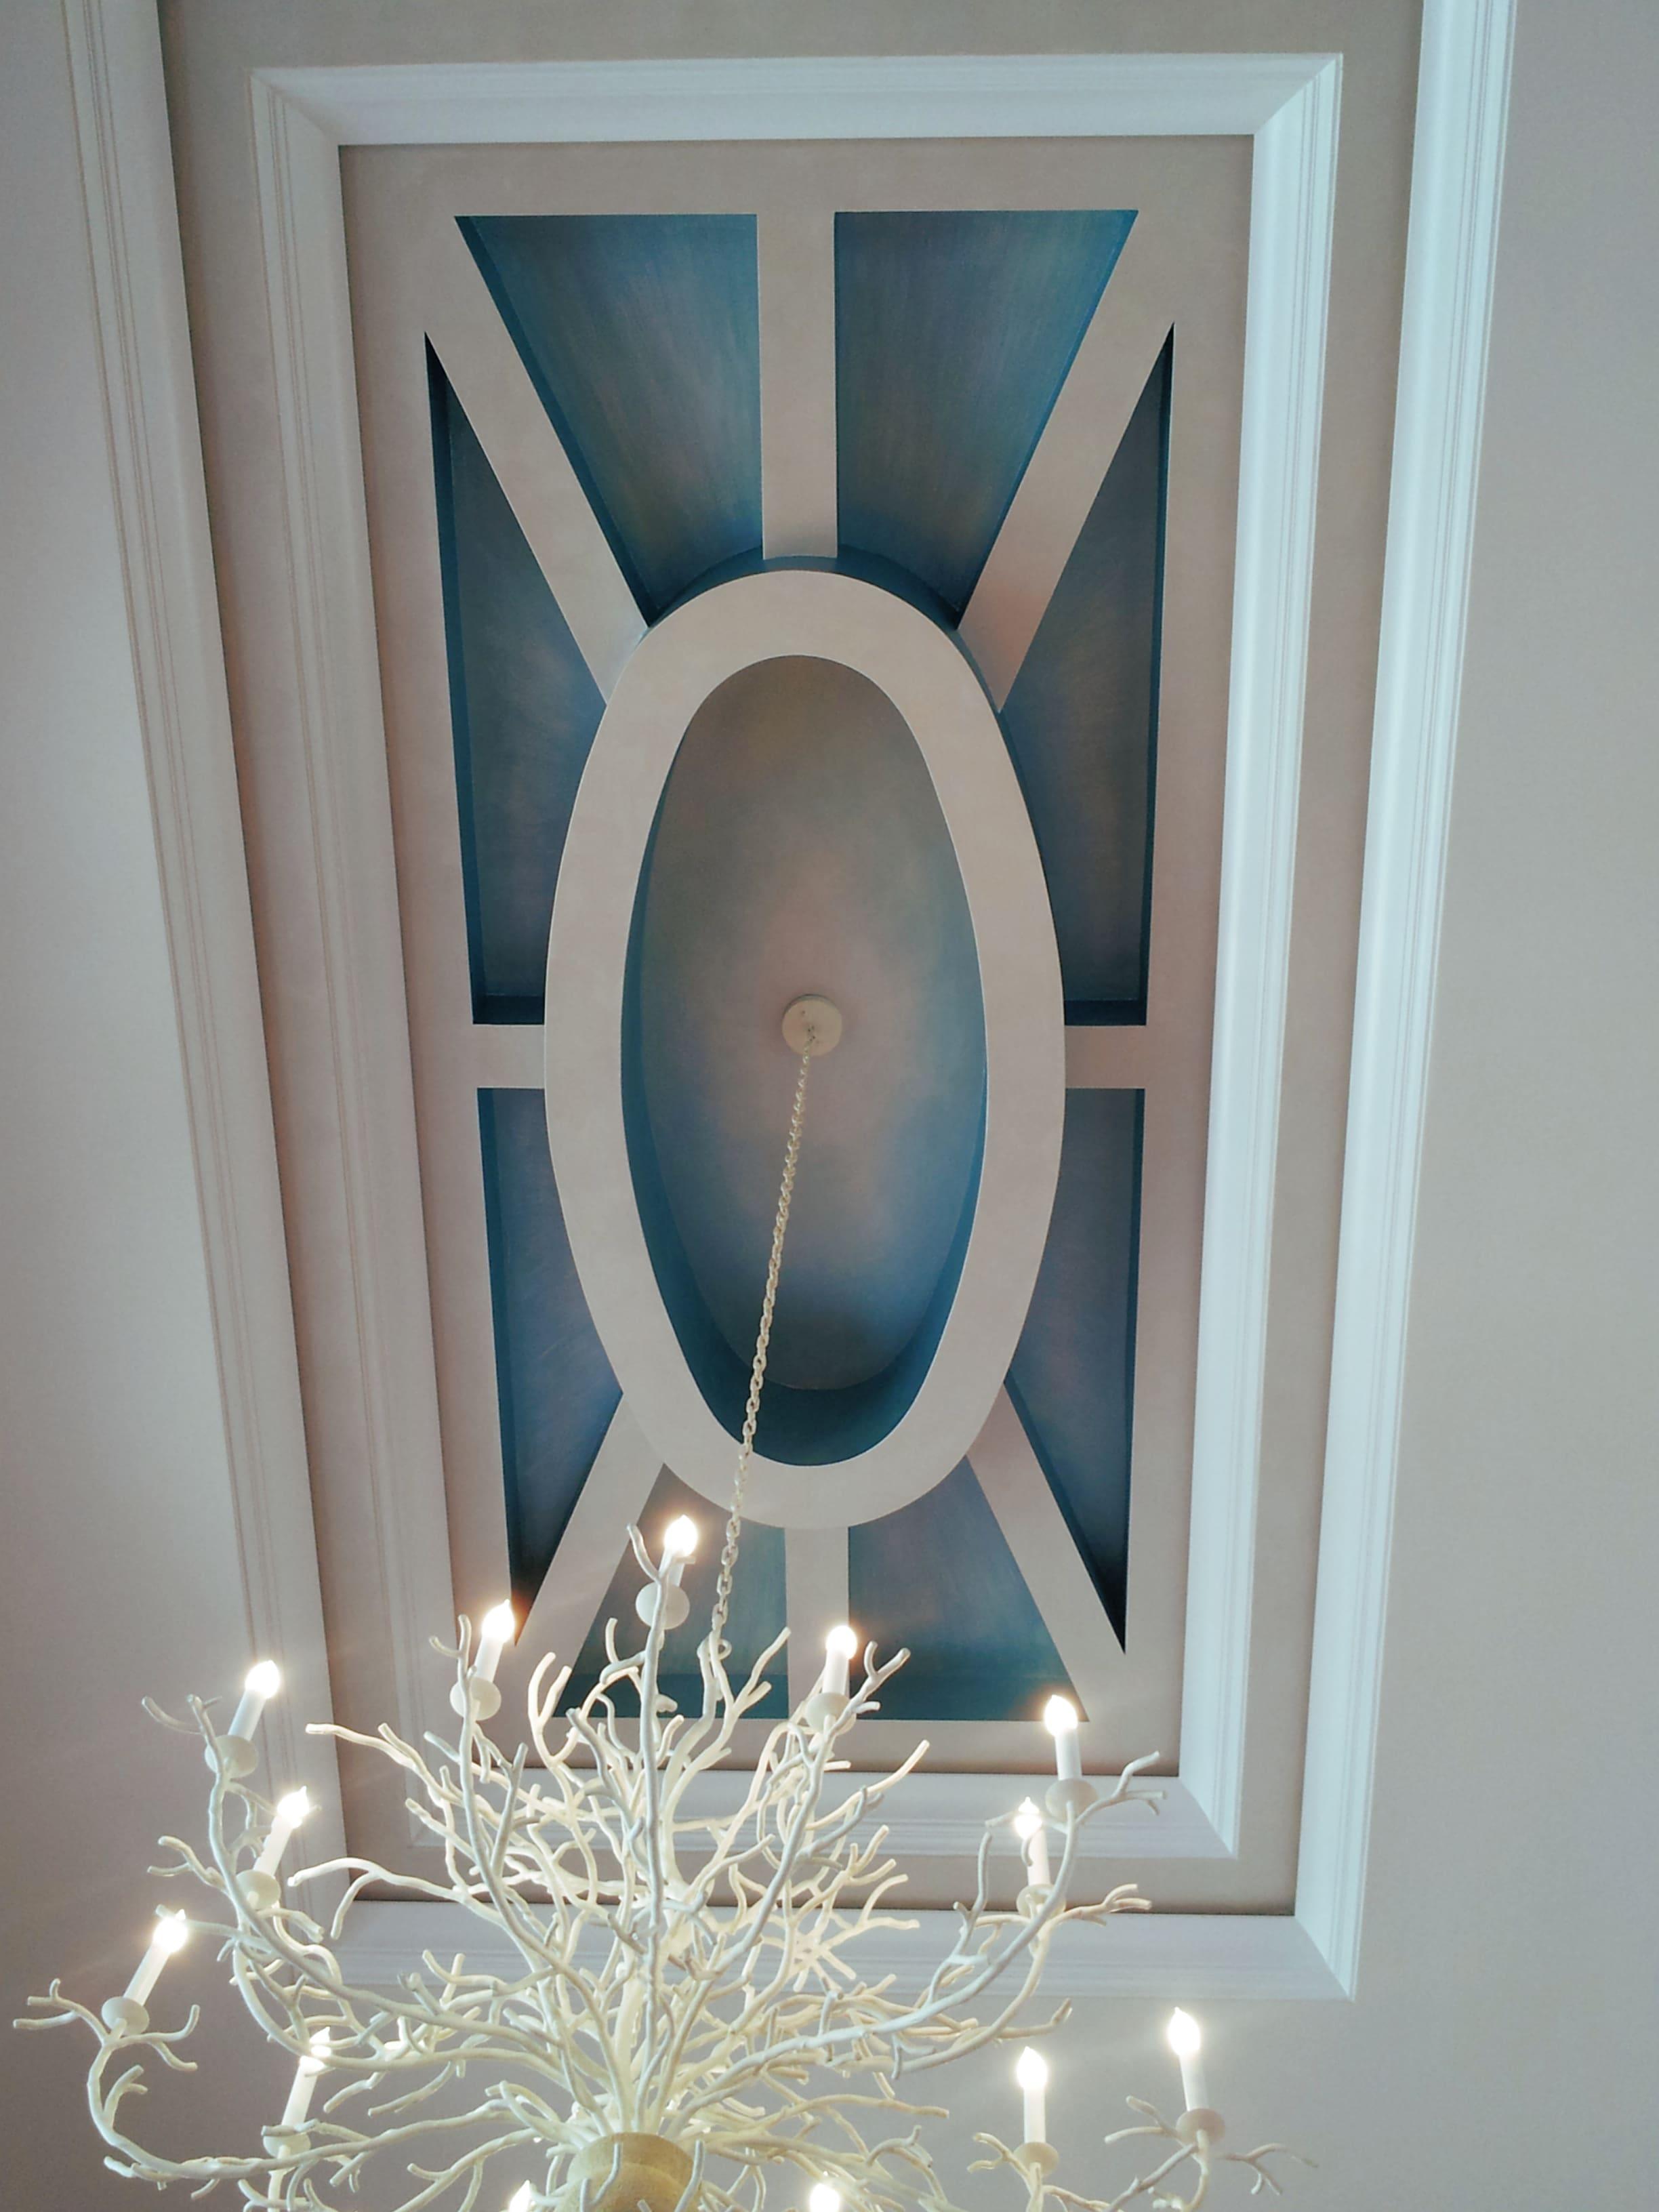 Glazing in Gradiants